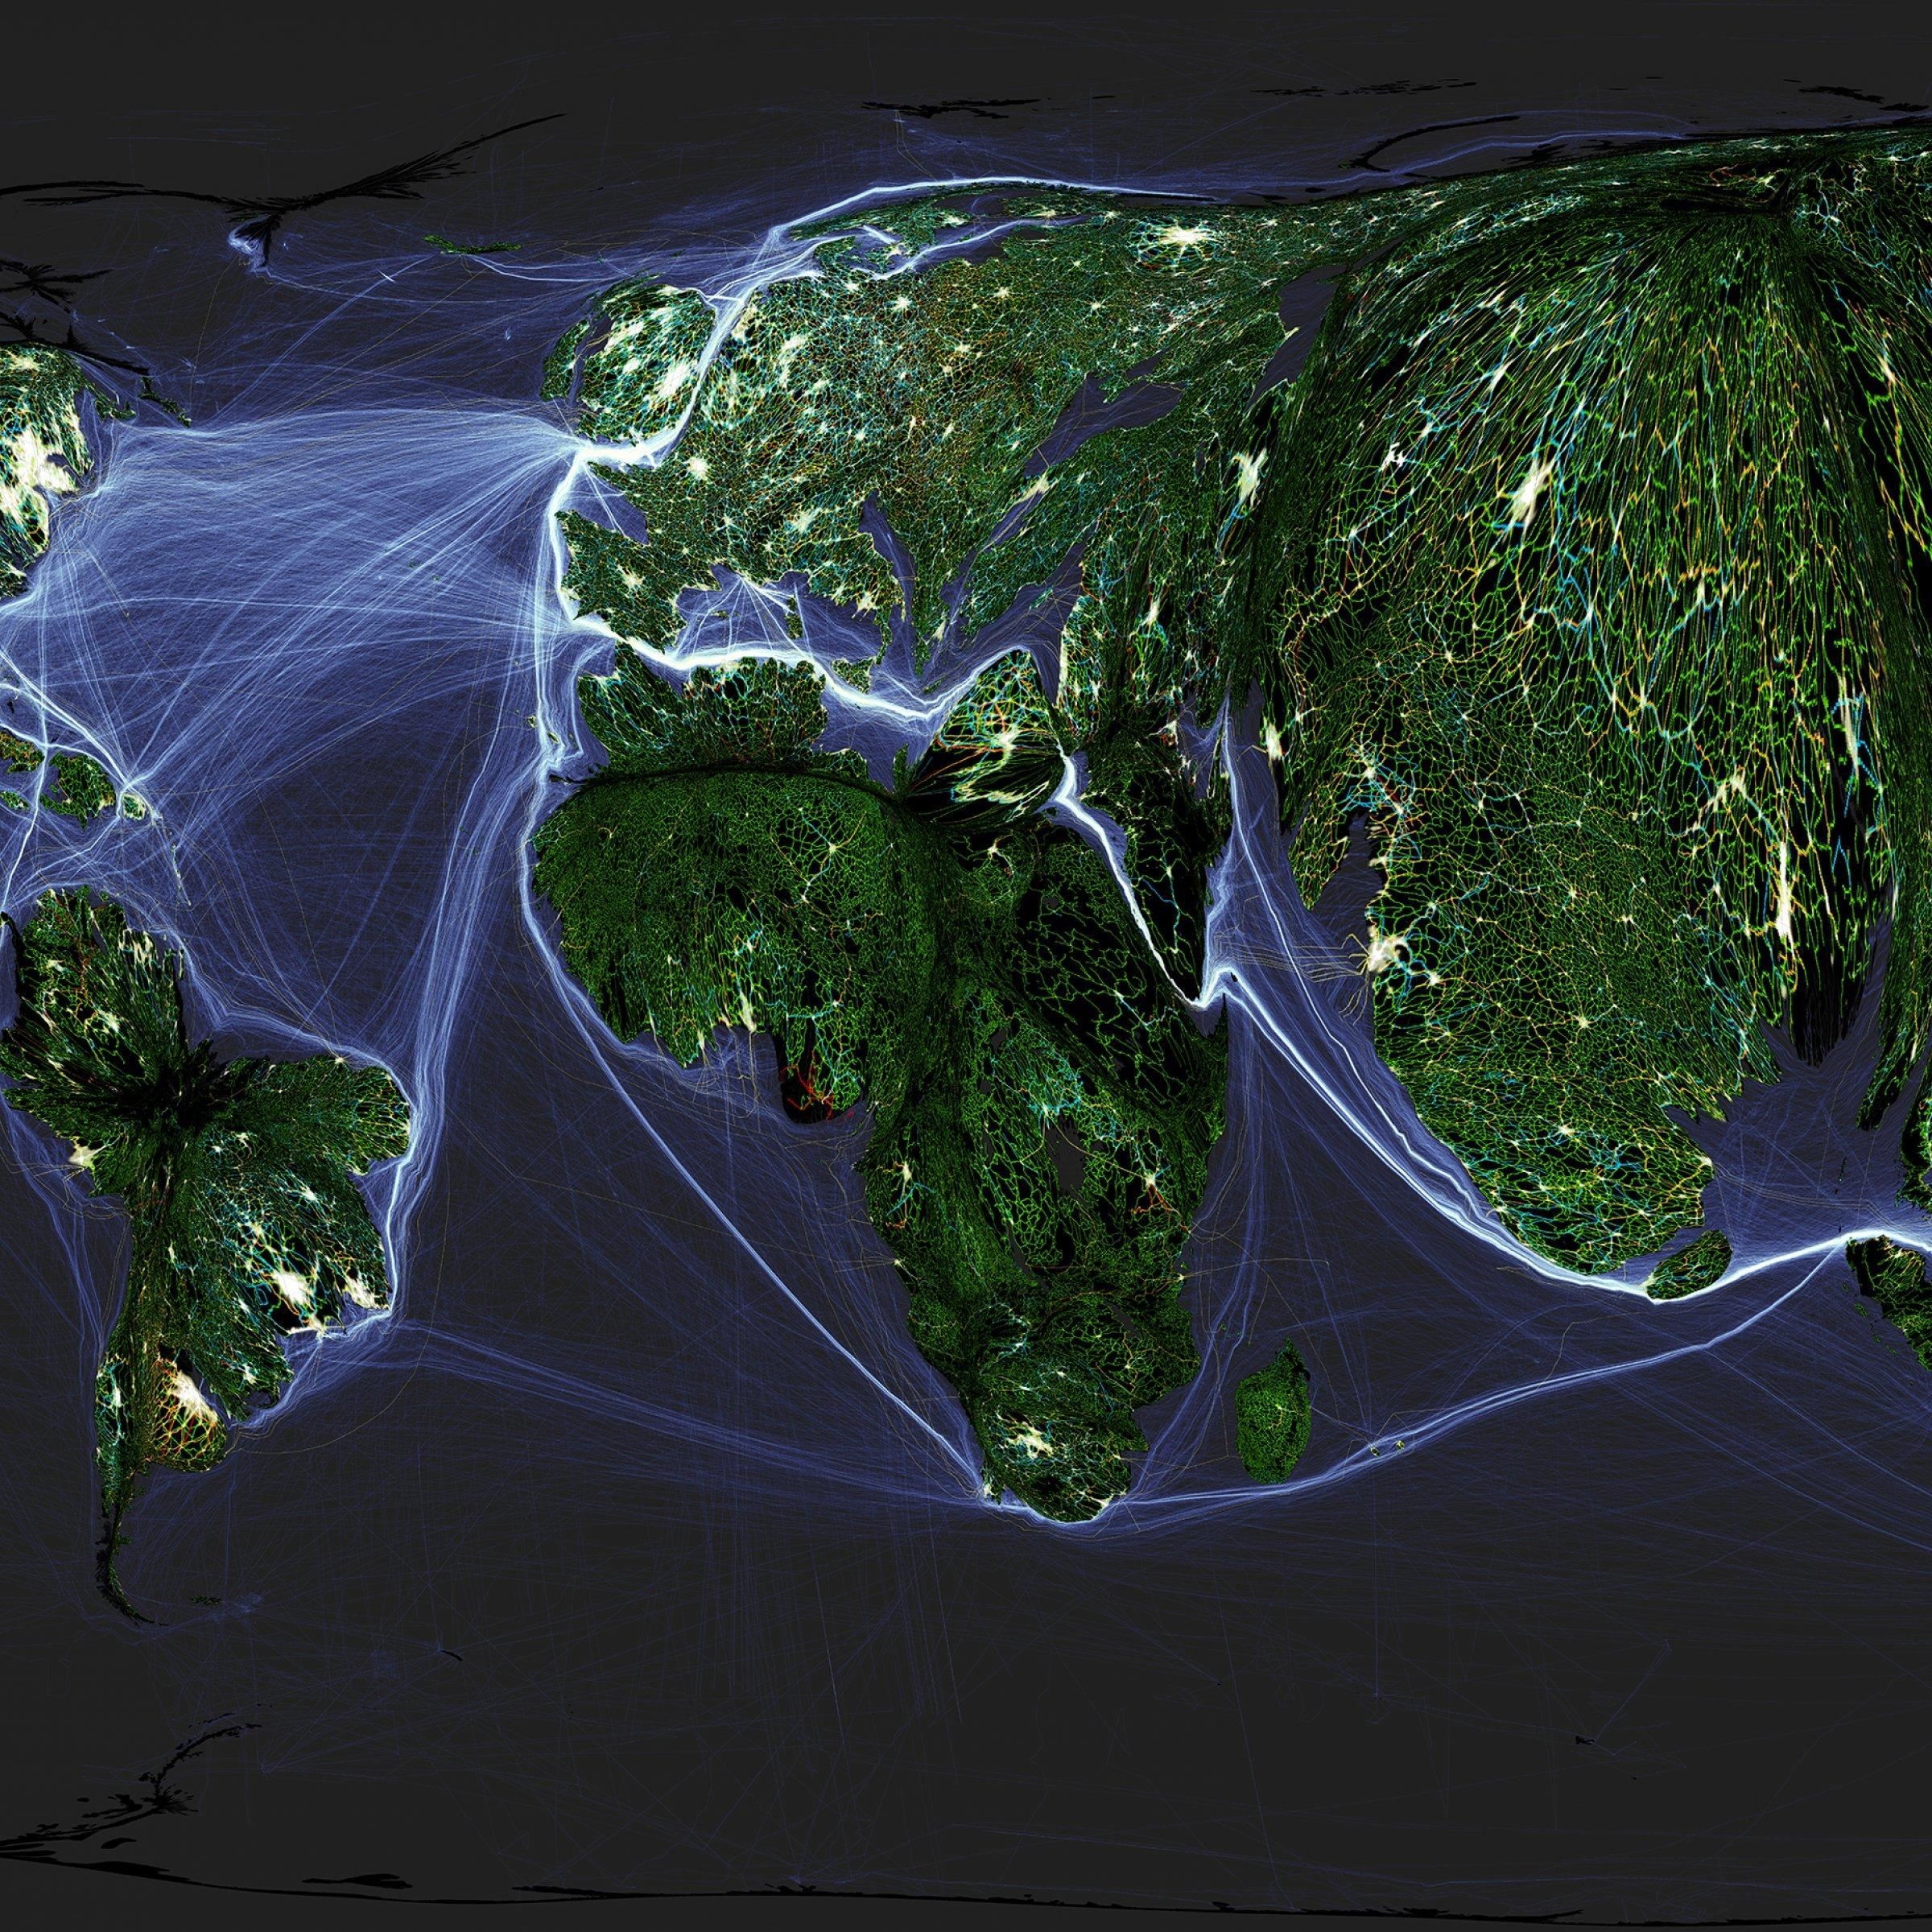 Bevölkerungskartogramm das die Landoberfläche der Erde proportional zur Verteilung der Weltbevölkerung darstellt. Darauf abgebildet sind mehrere Eben menschlicher Nutzung und Interaktion, wie Schiffsverbindungen, Straßen, Pipelines oder bebaute Gebiete.